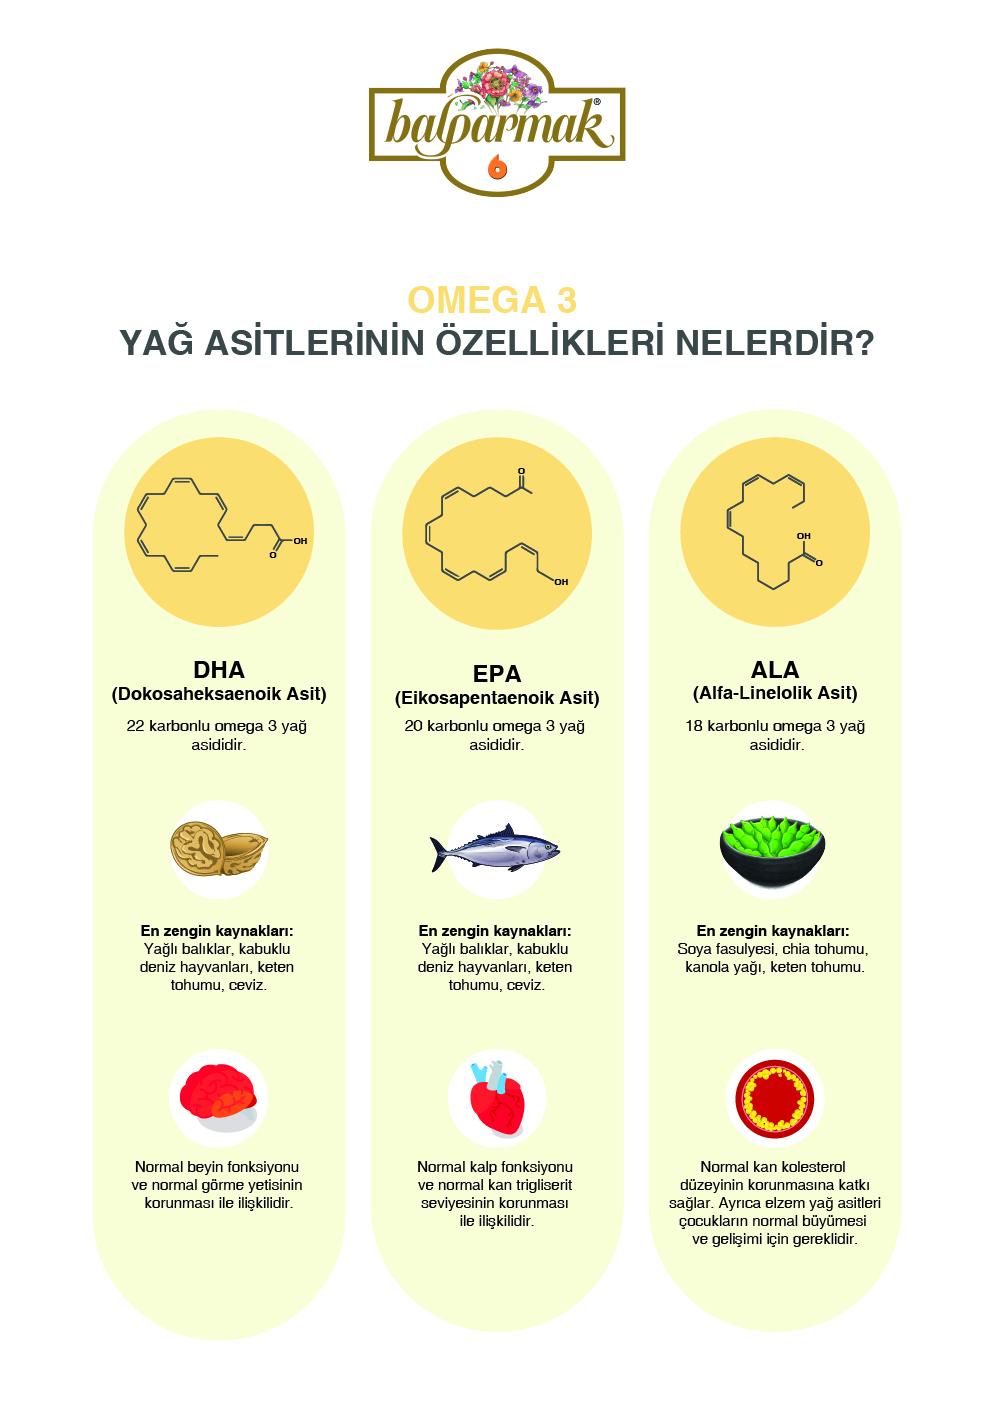 omega 3 yağ asitlerinin özellikleri nelerdir bilgi